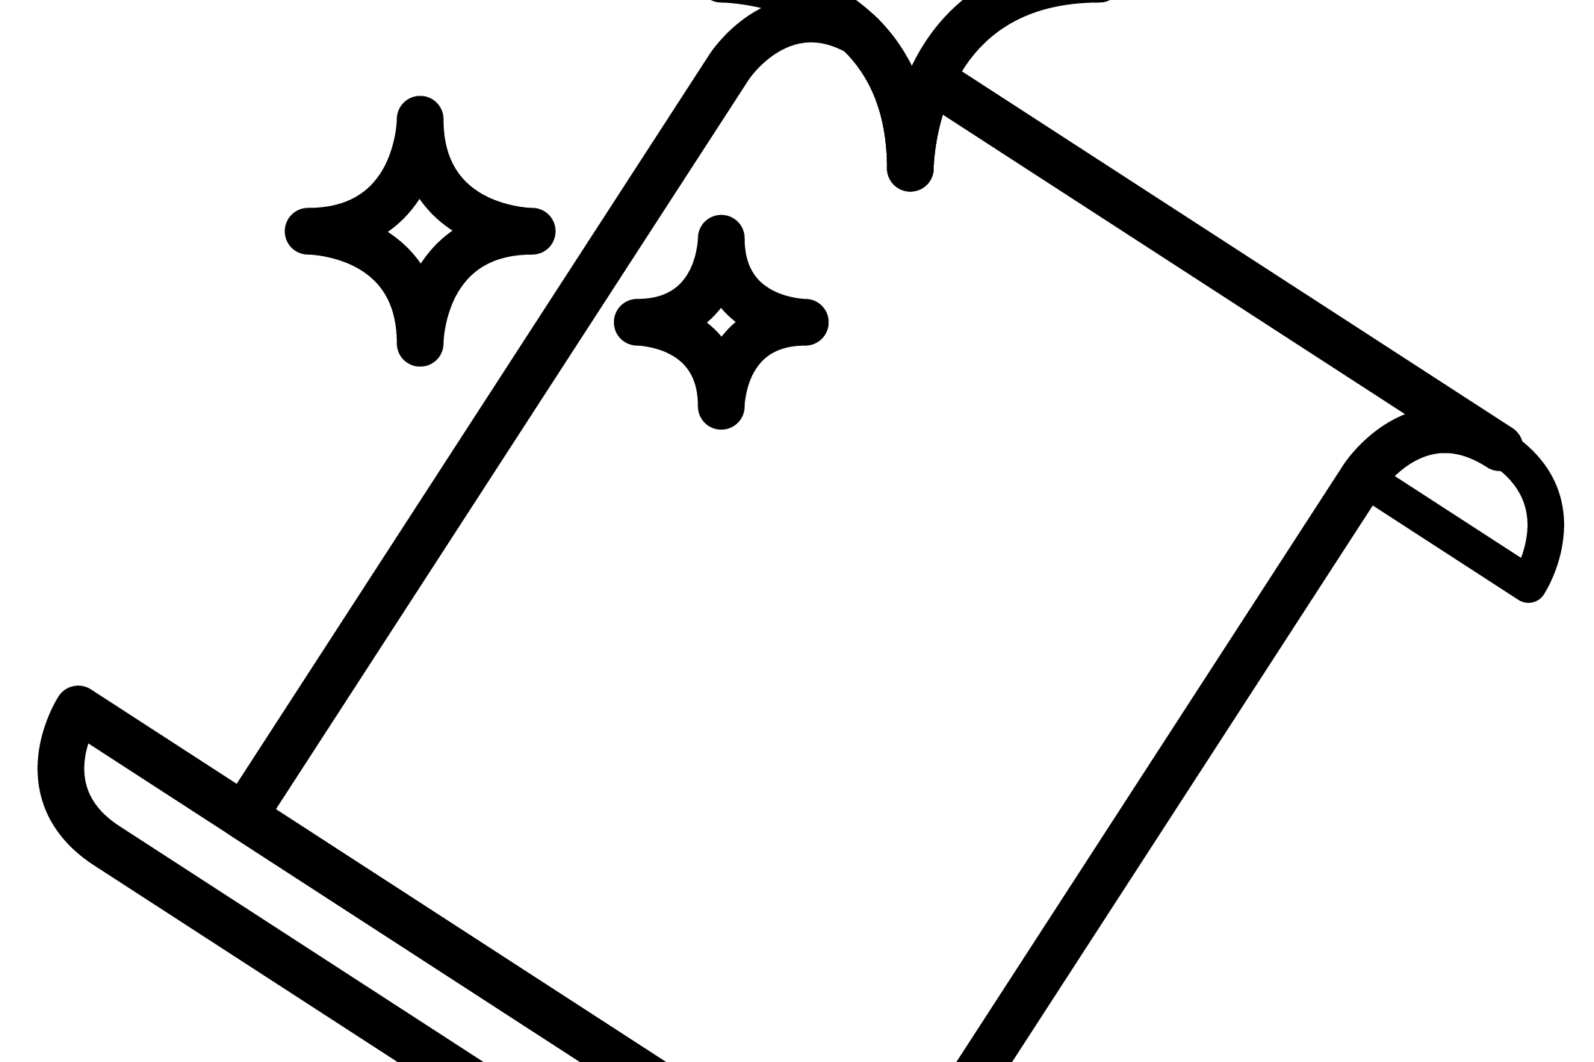 Outline : Scrolls Icon set - DEPLOMAV 01 -